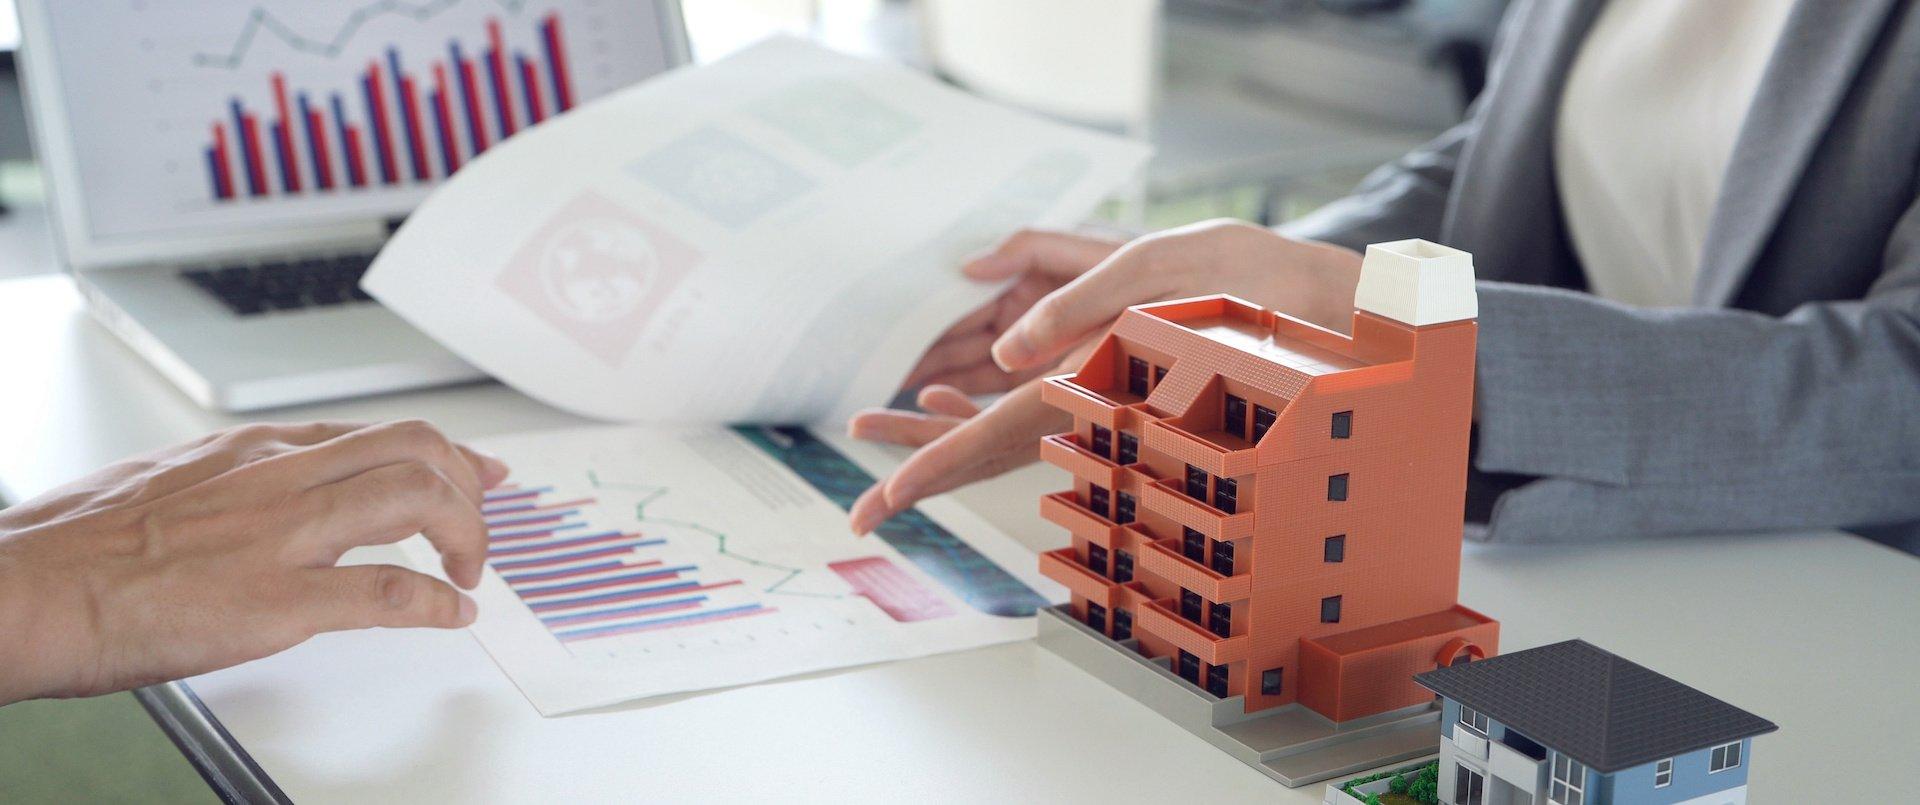 2-personnes-bureau-statistiques-promoteurs-immobiliers